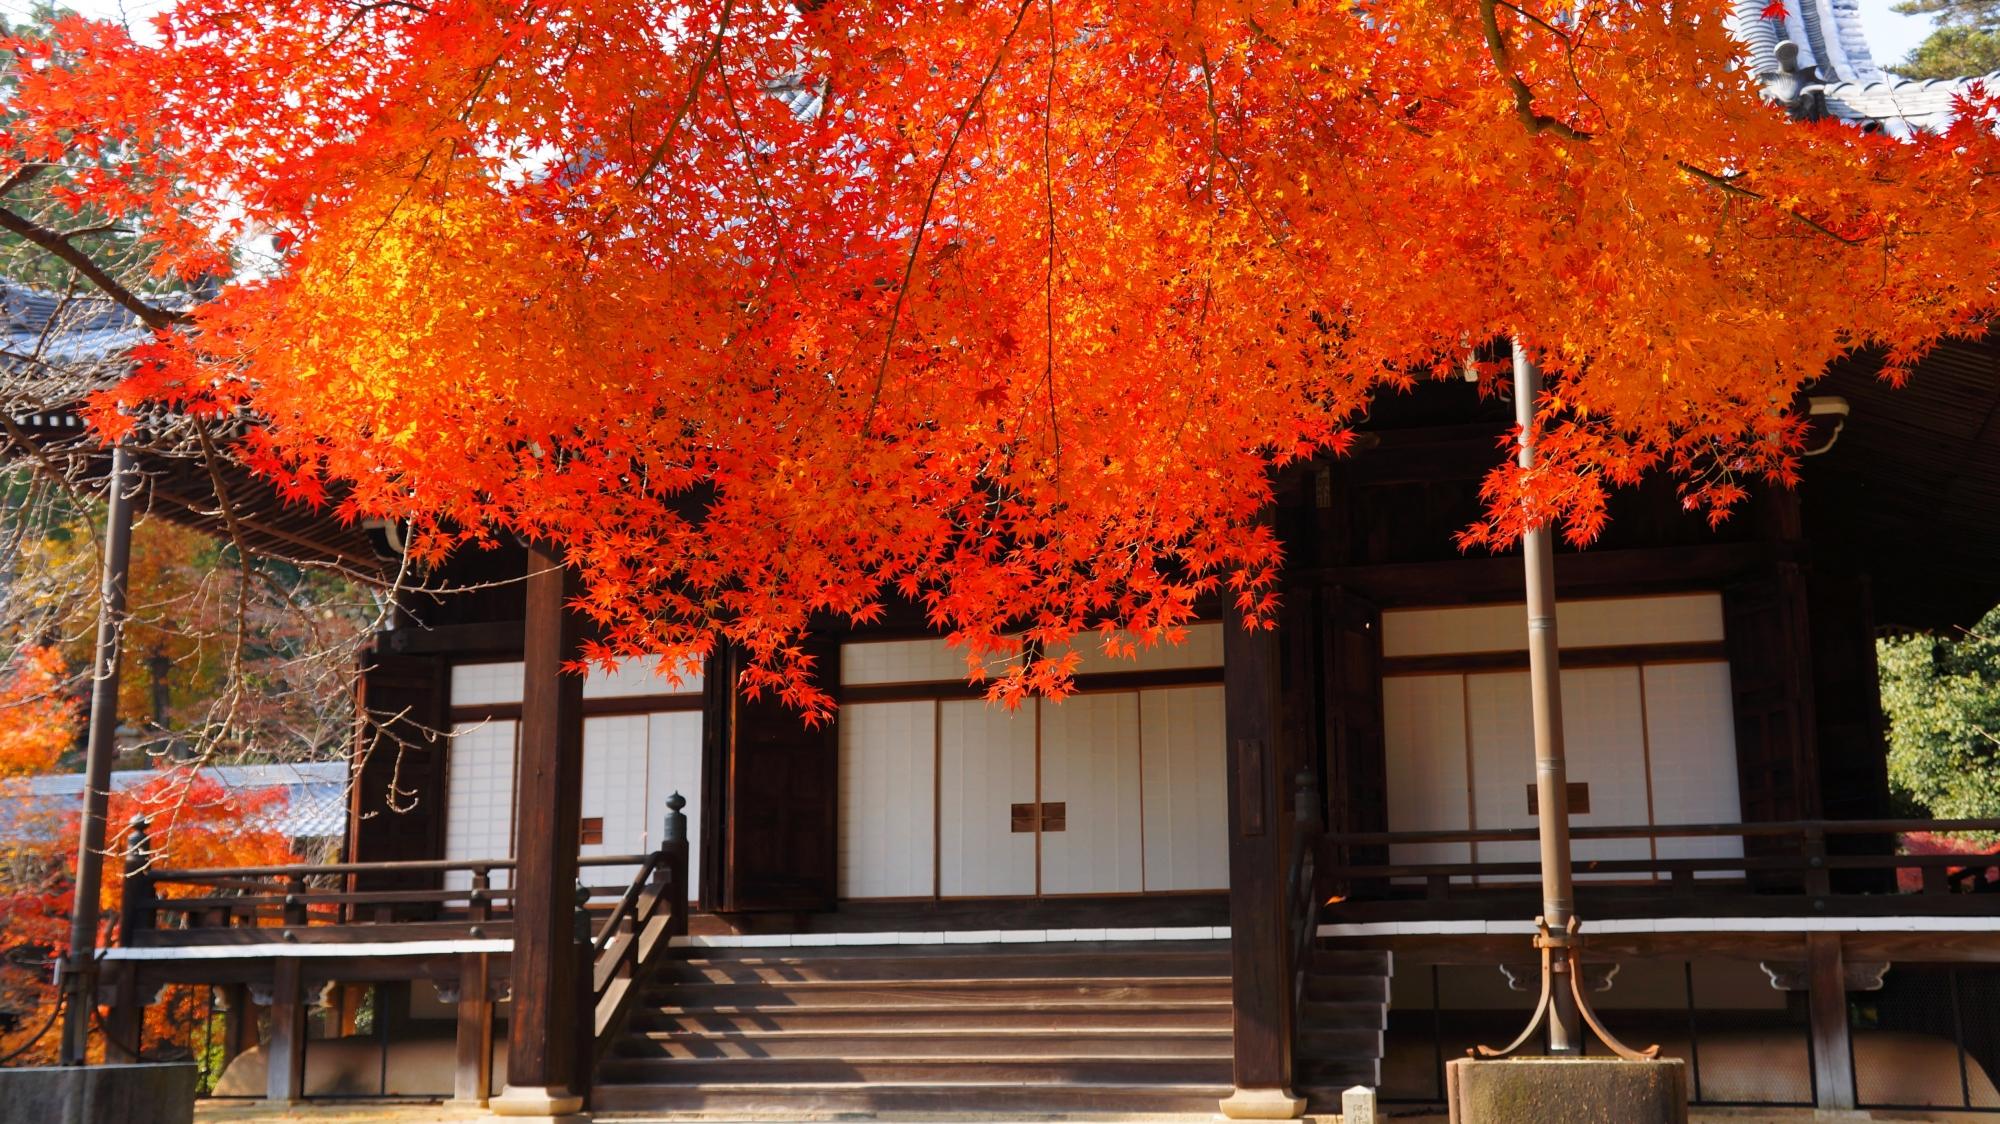 阿弥陀堂と淡く輝くような見事な紅葉